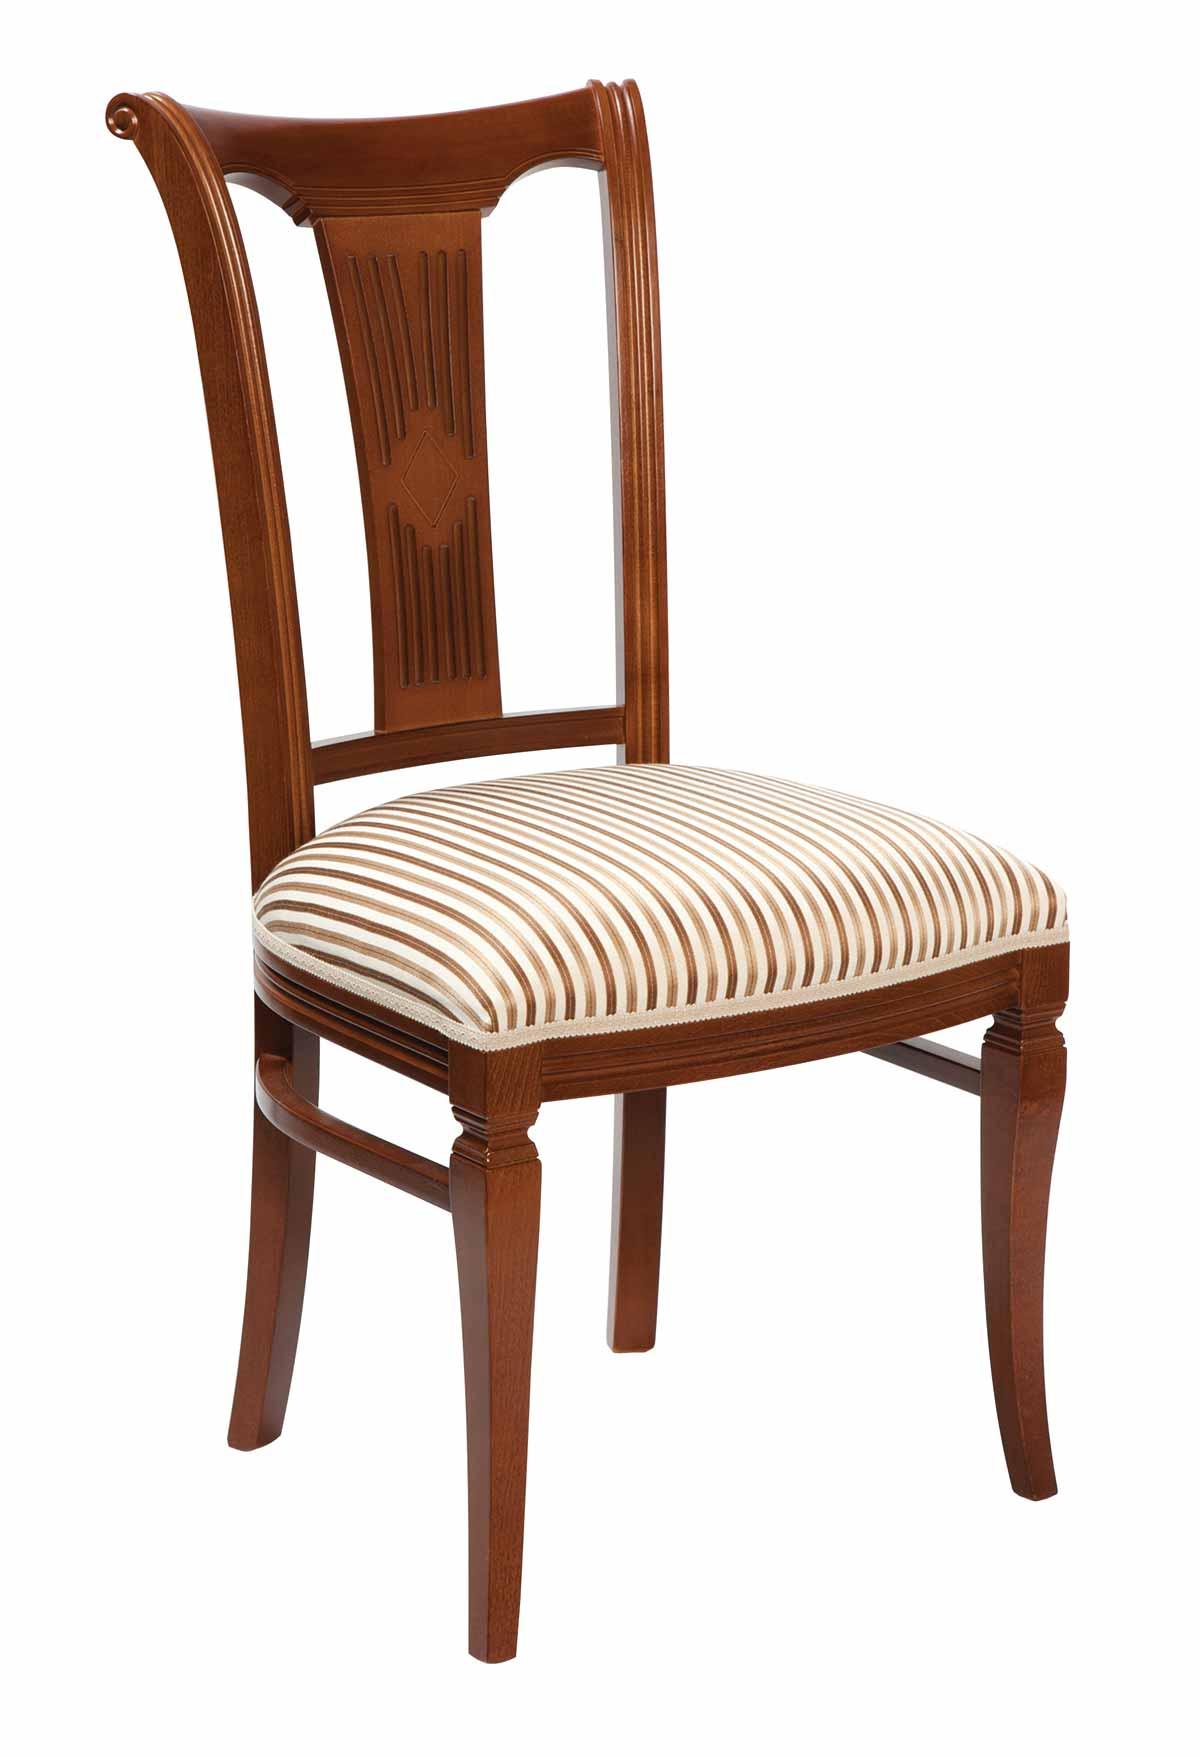 Ramona spisebordsstol - Lakeret træ, stof hynde